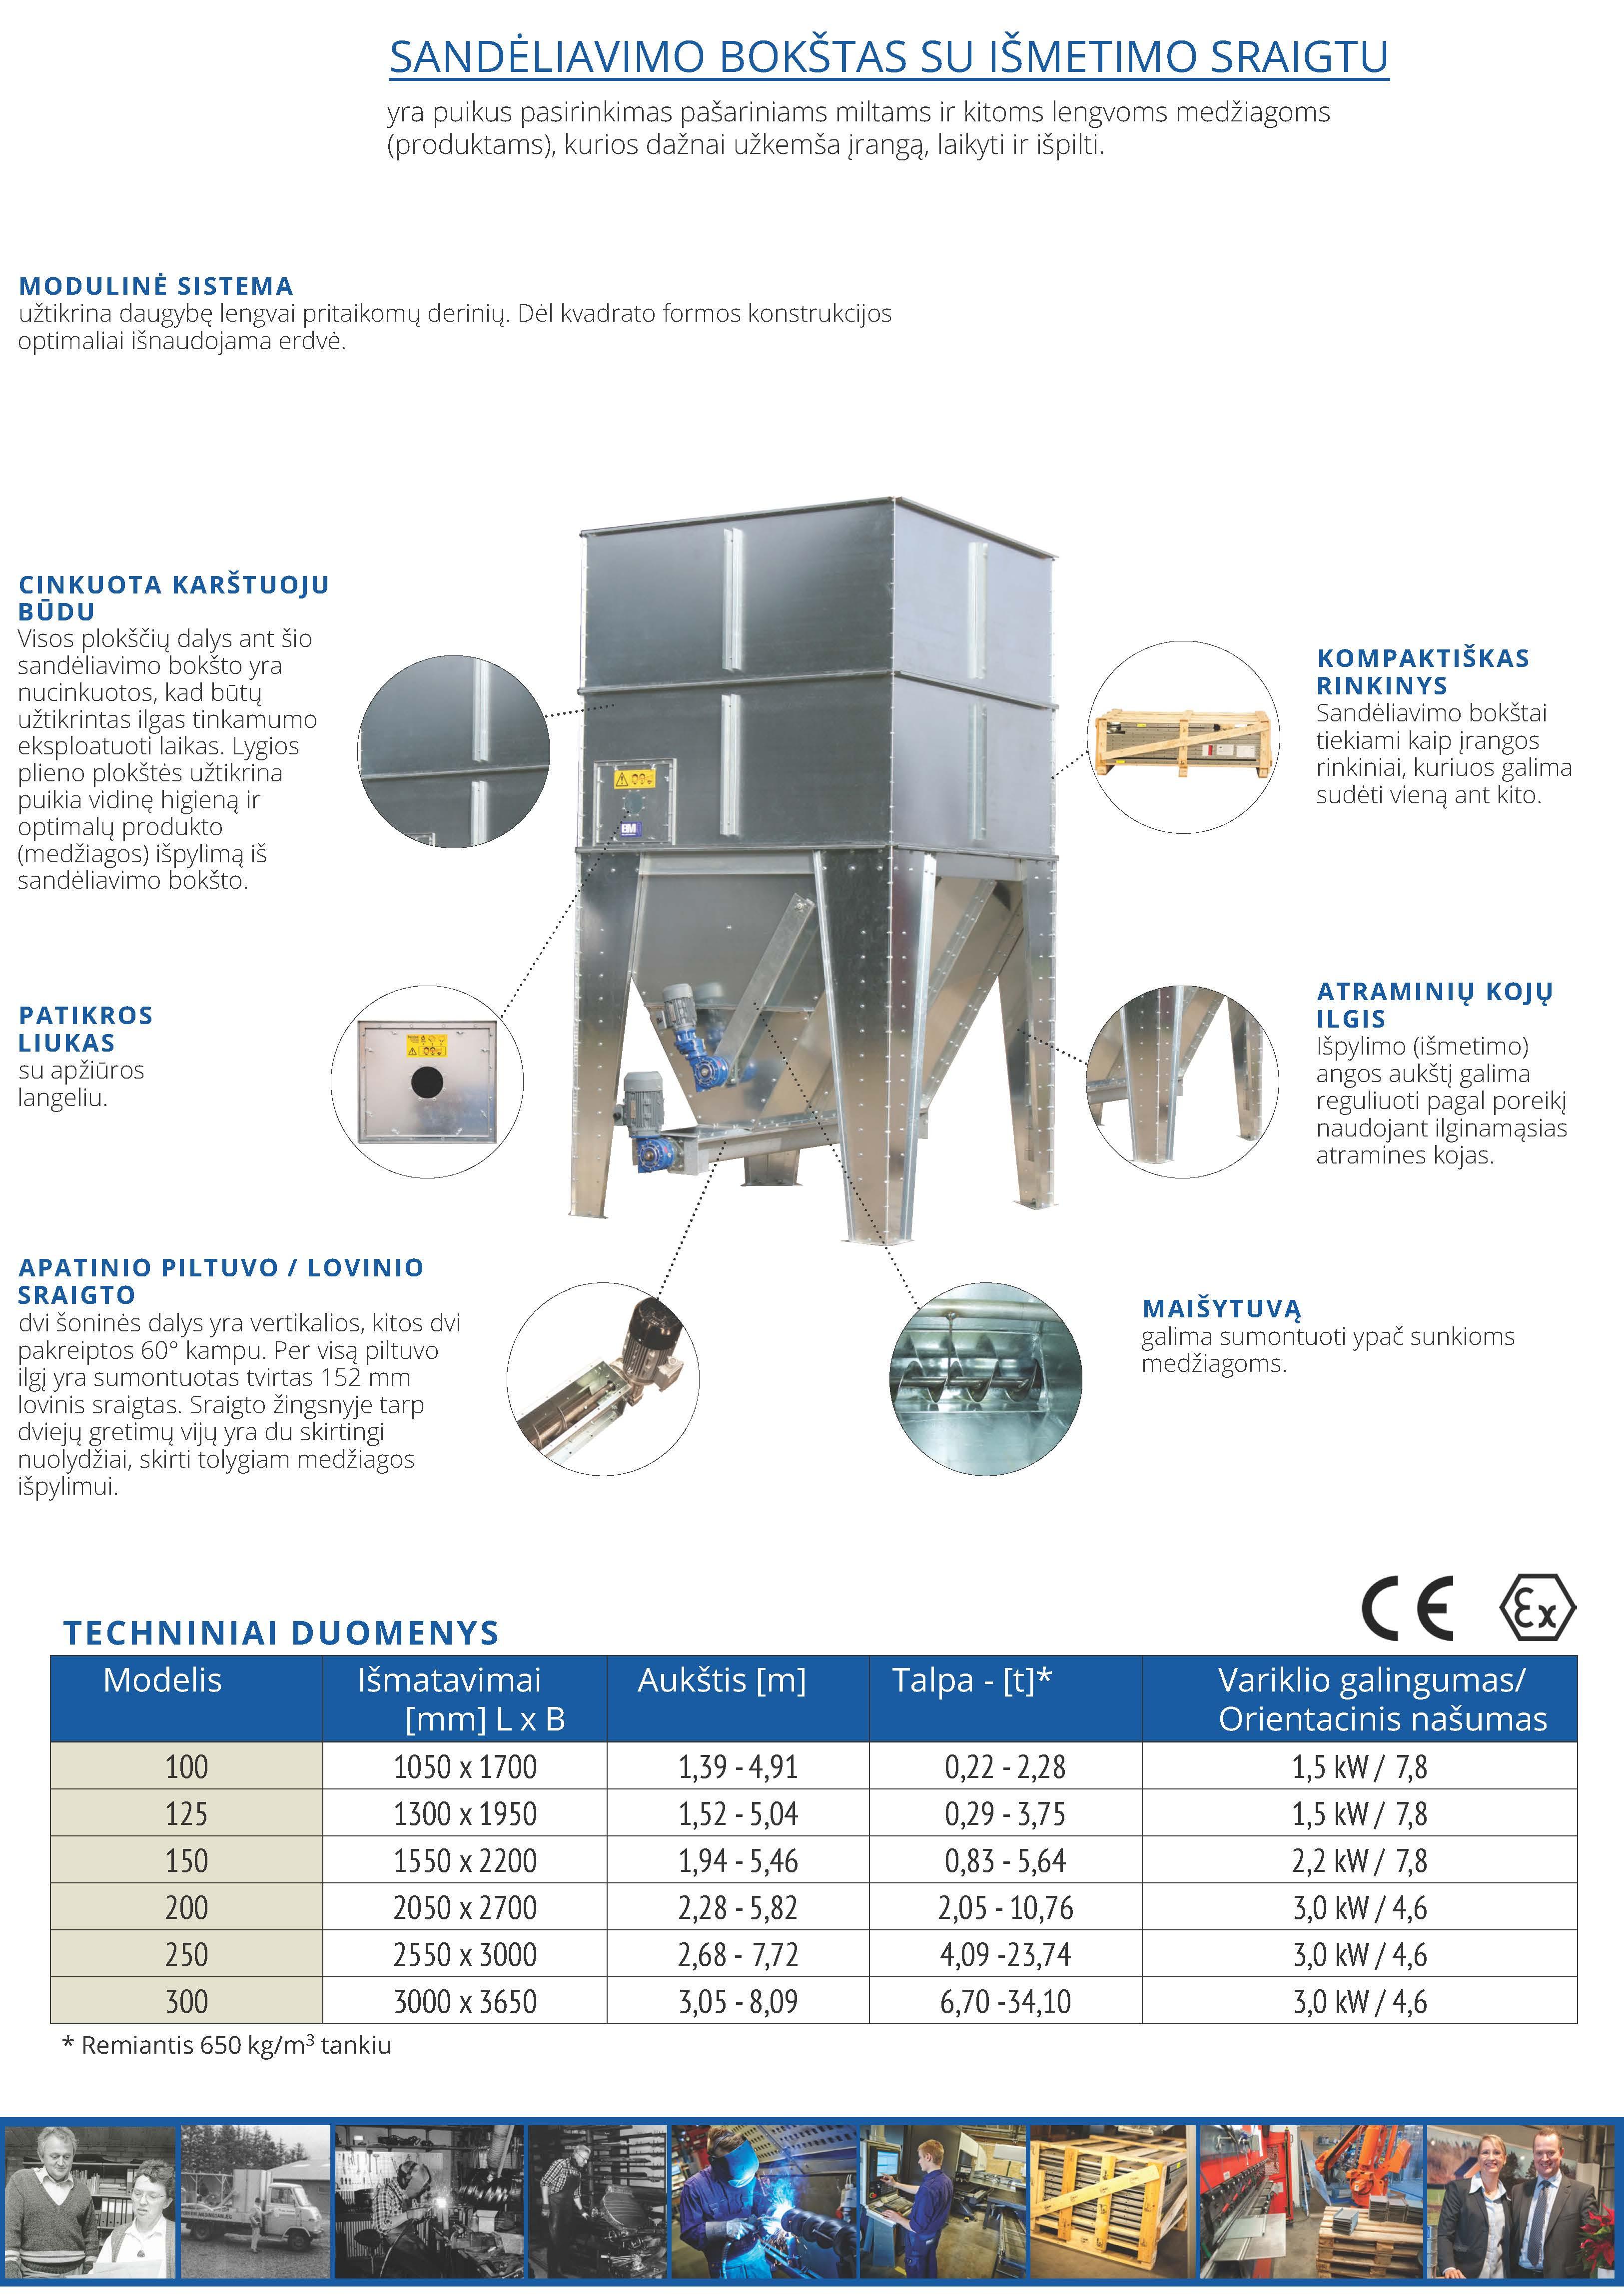 Sandėliavimo bokštas su iškrovimo sraigtu techniniai duomenys